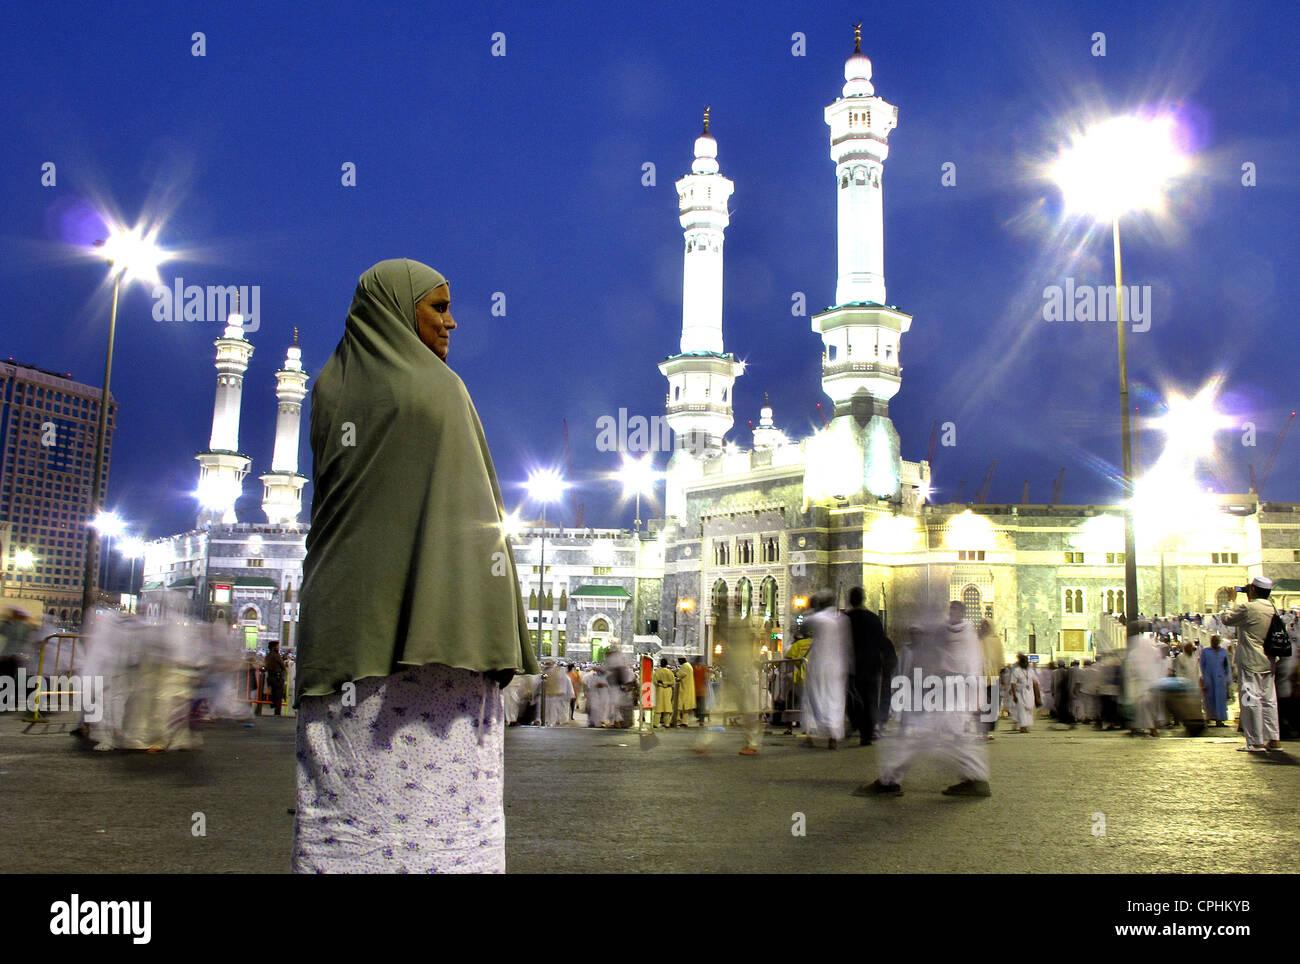 Pèlerinage à La Mecque, la Mosquée Al Haram et la Kaaba Arabie Saoudite Photo Stock